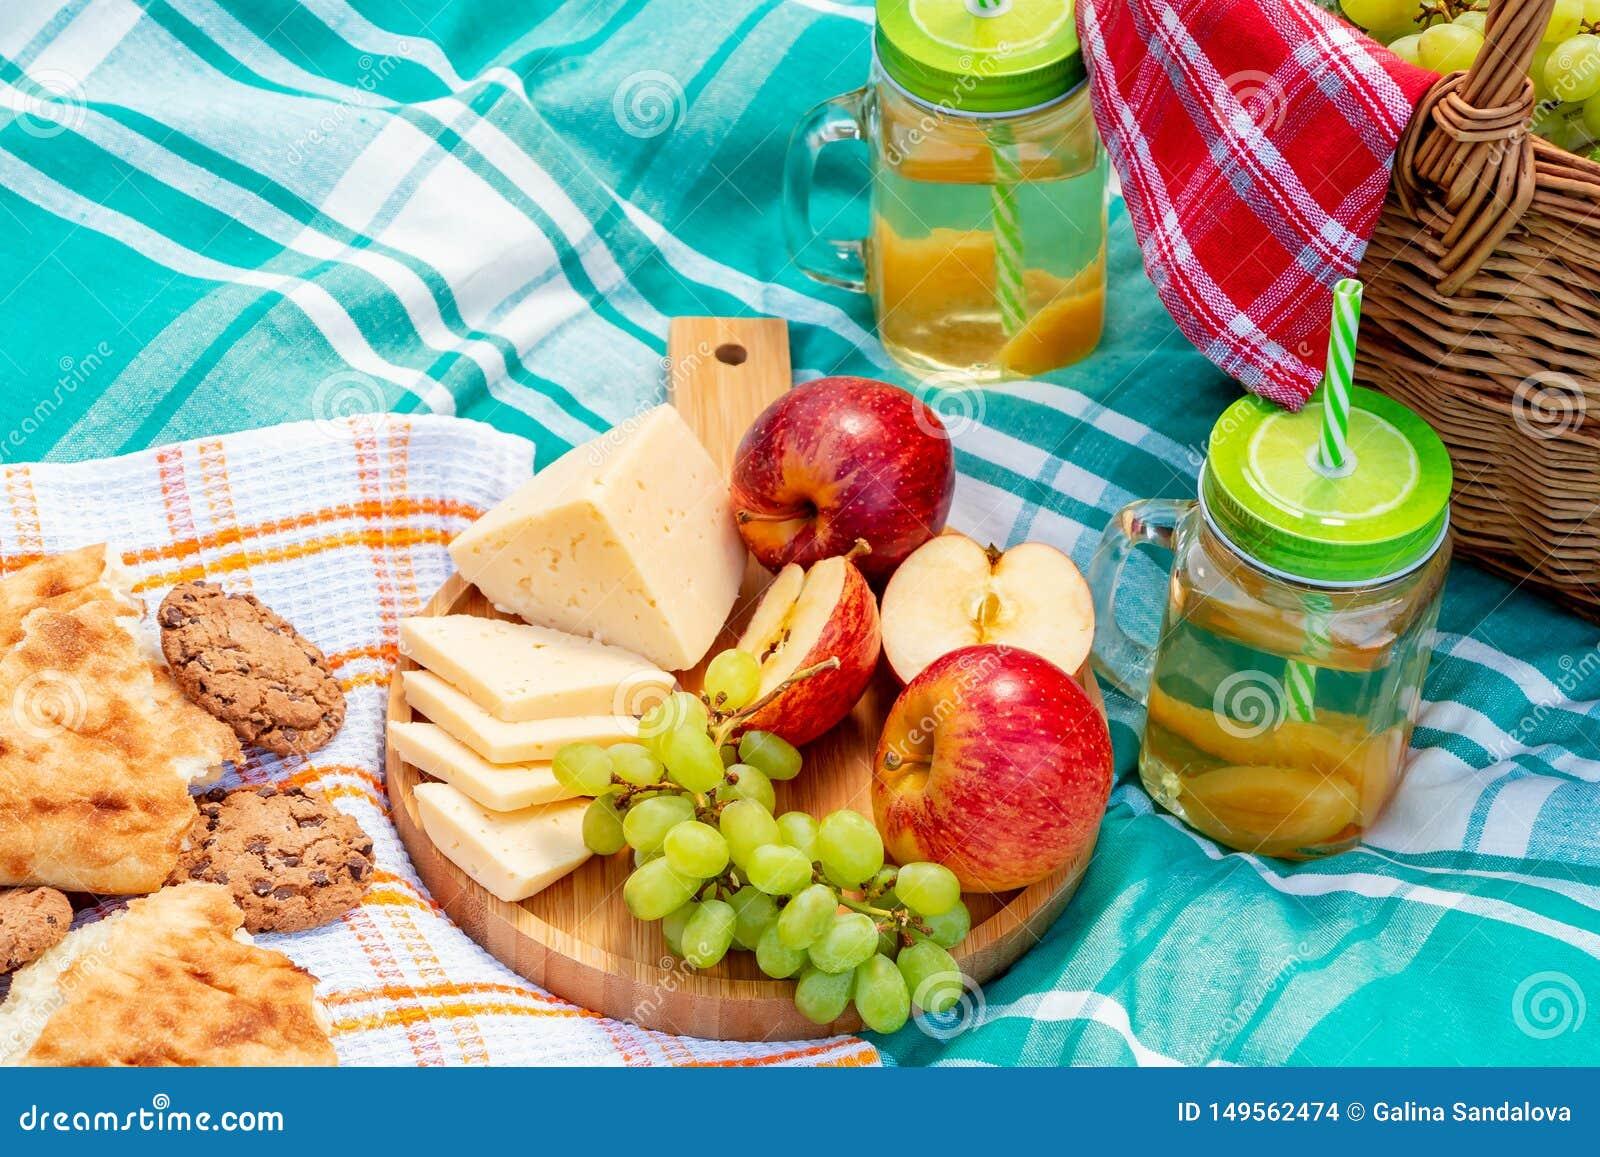 在草在一个夏日-篮子,葡萄,乳酪,面包,苹果的野餐-夏天室外休闲的概念